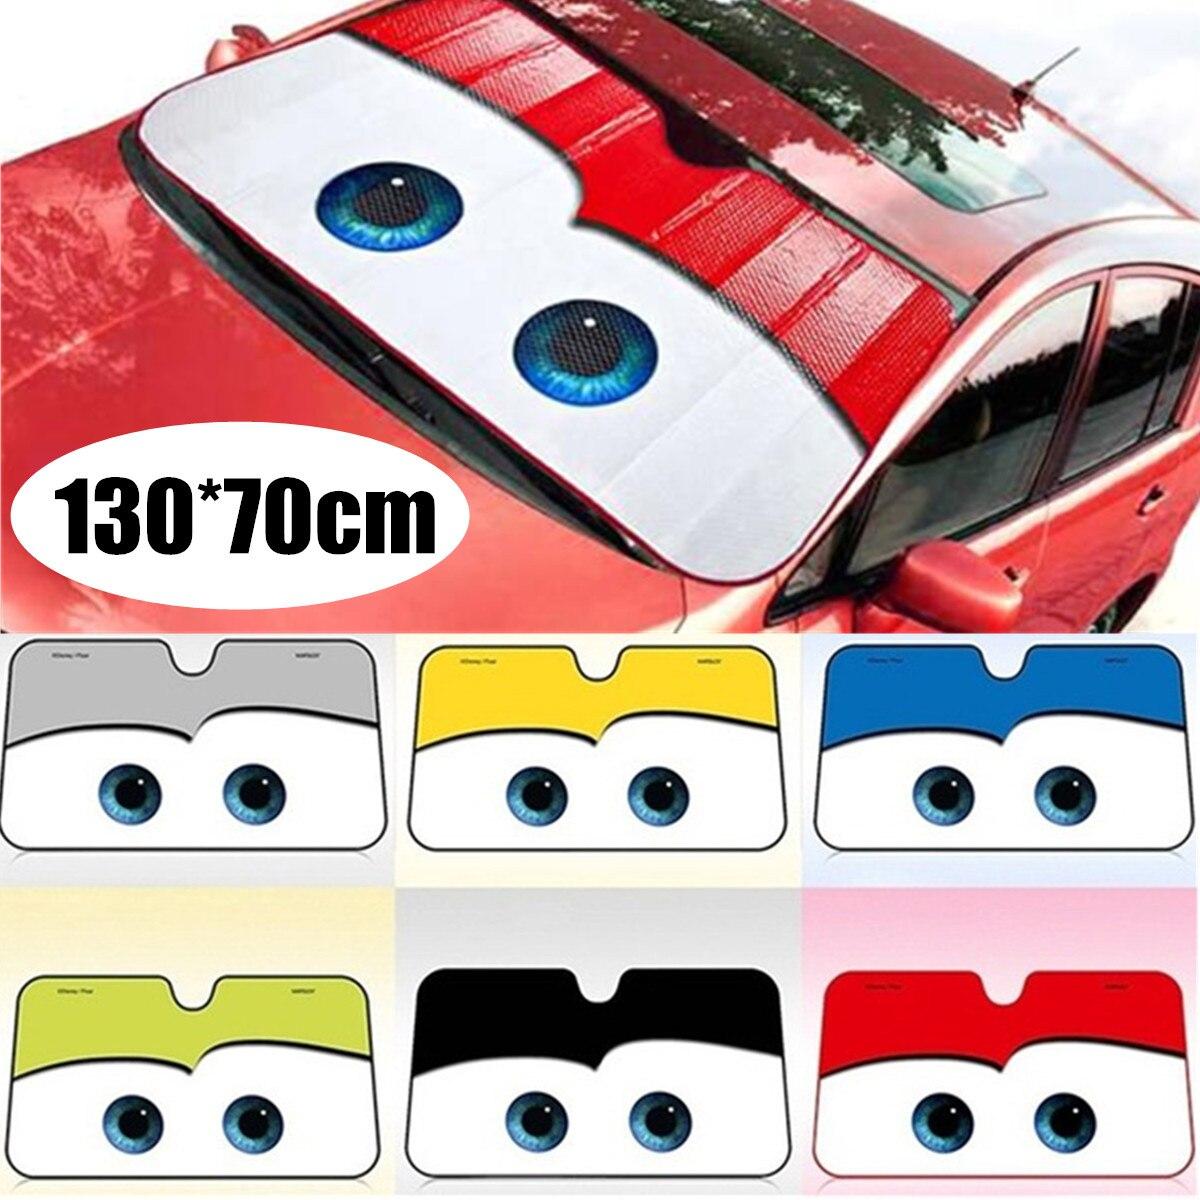 6 couleurs yeux forme voiture pare-soleil pare-brise chauffant bande dessinée pare-brise couverture Auto pare-soleil bâches de voiture Protection solaire de voiture